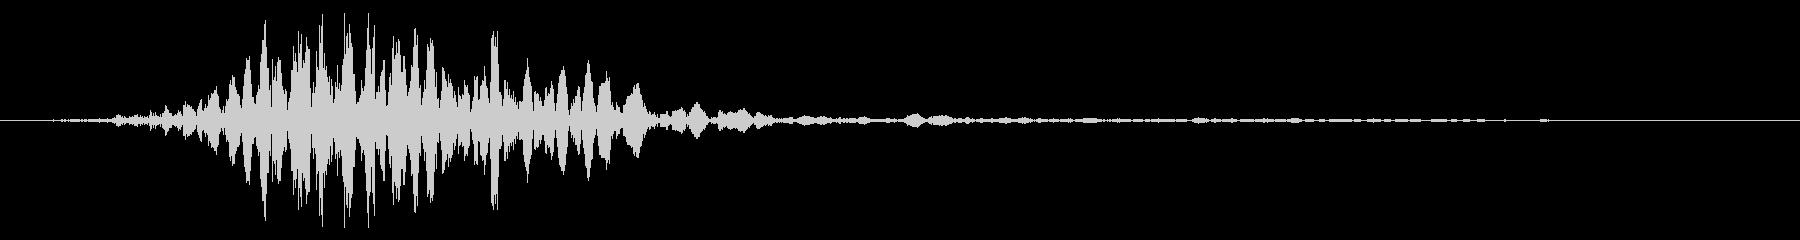 ワーム モンスター キャラタップ 困惑の未再生の波形